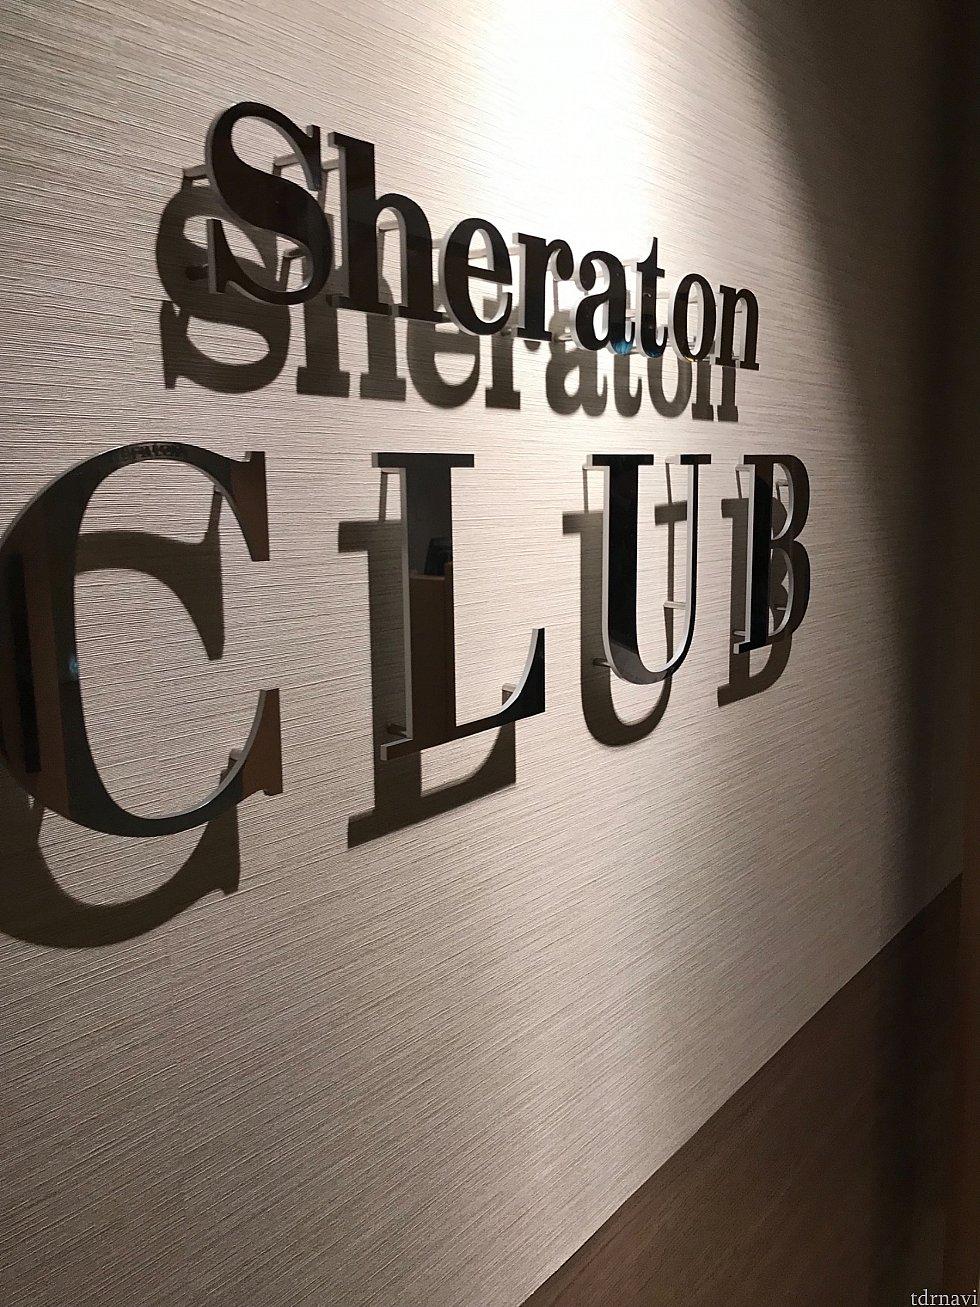 では12階 最上階のシェラトンクラブラウンジへ行ってみましょう(๑˃̵ᴗ˂̵)